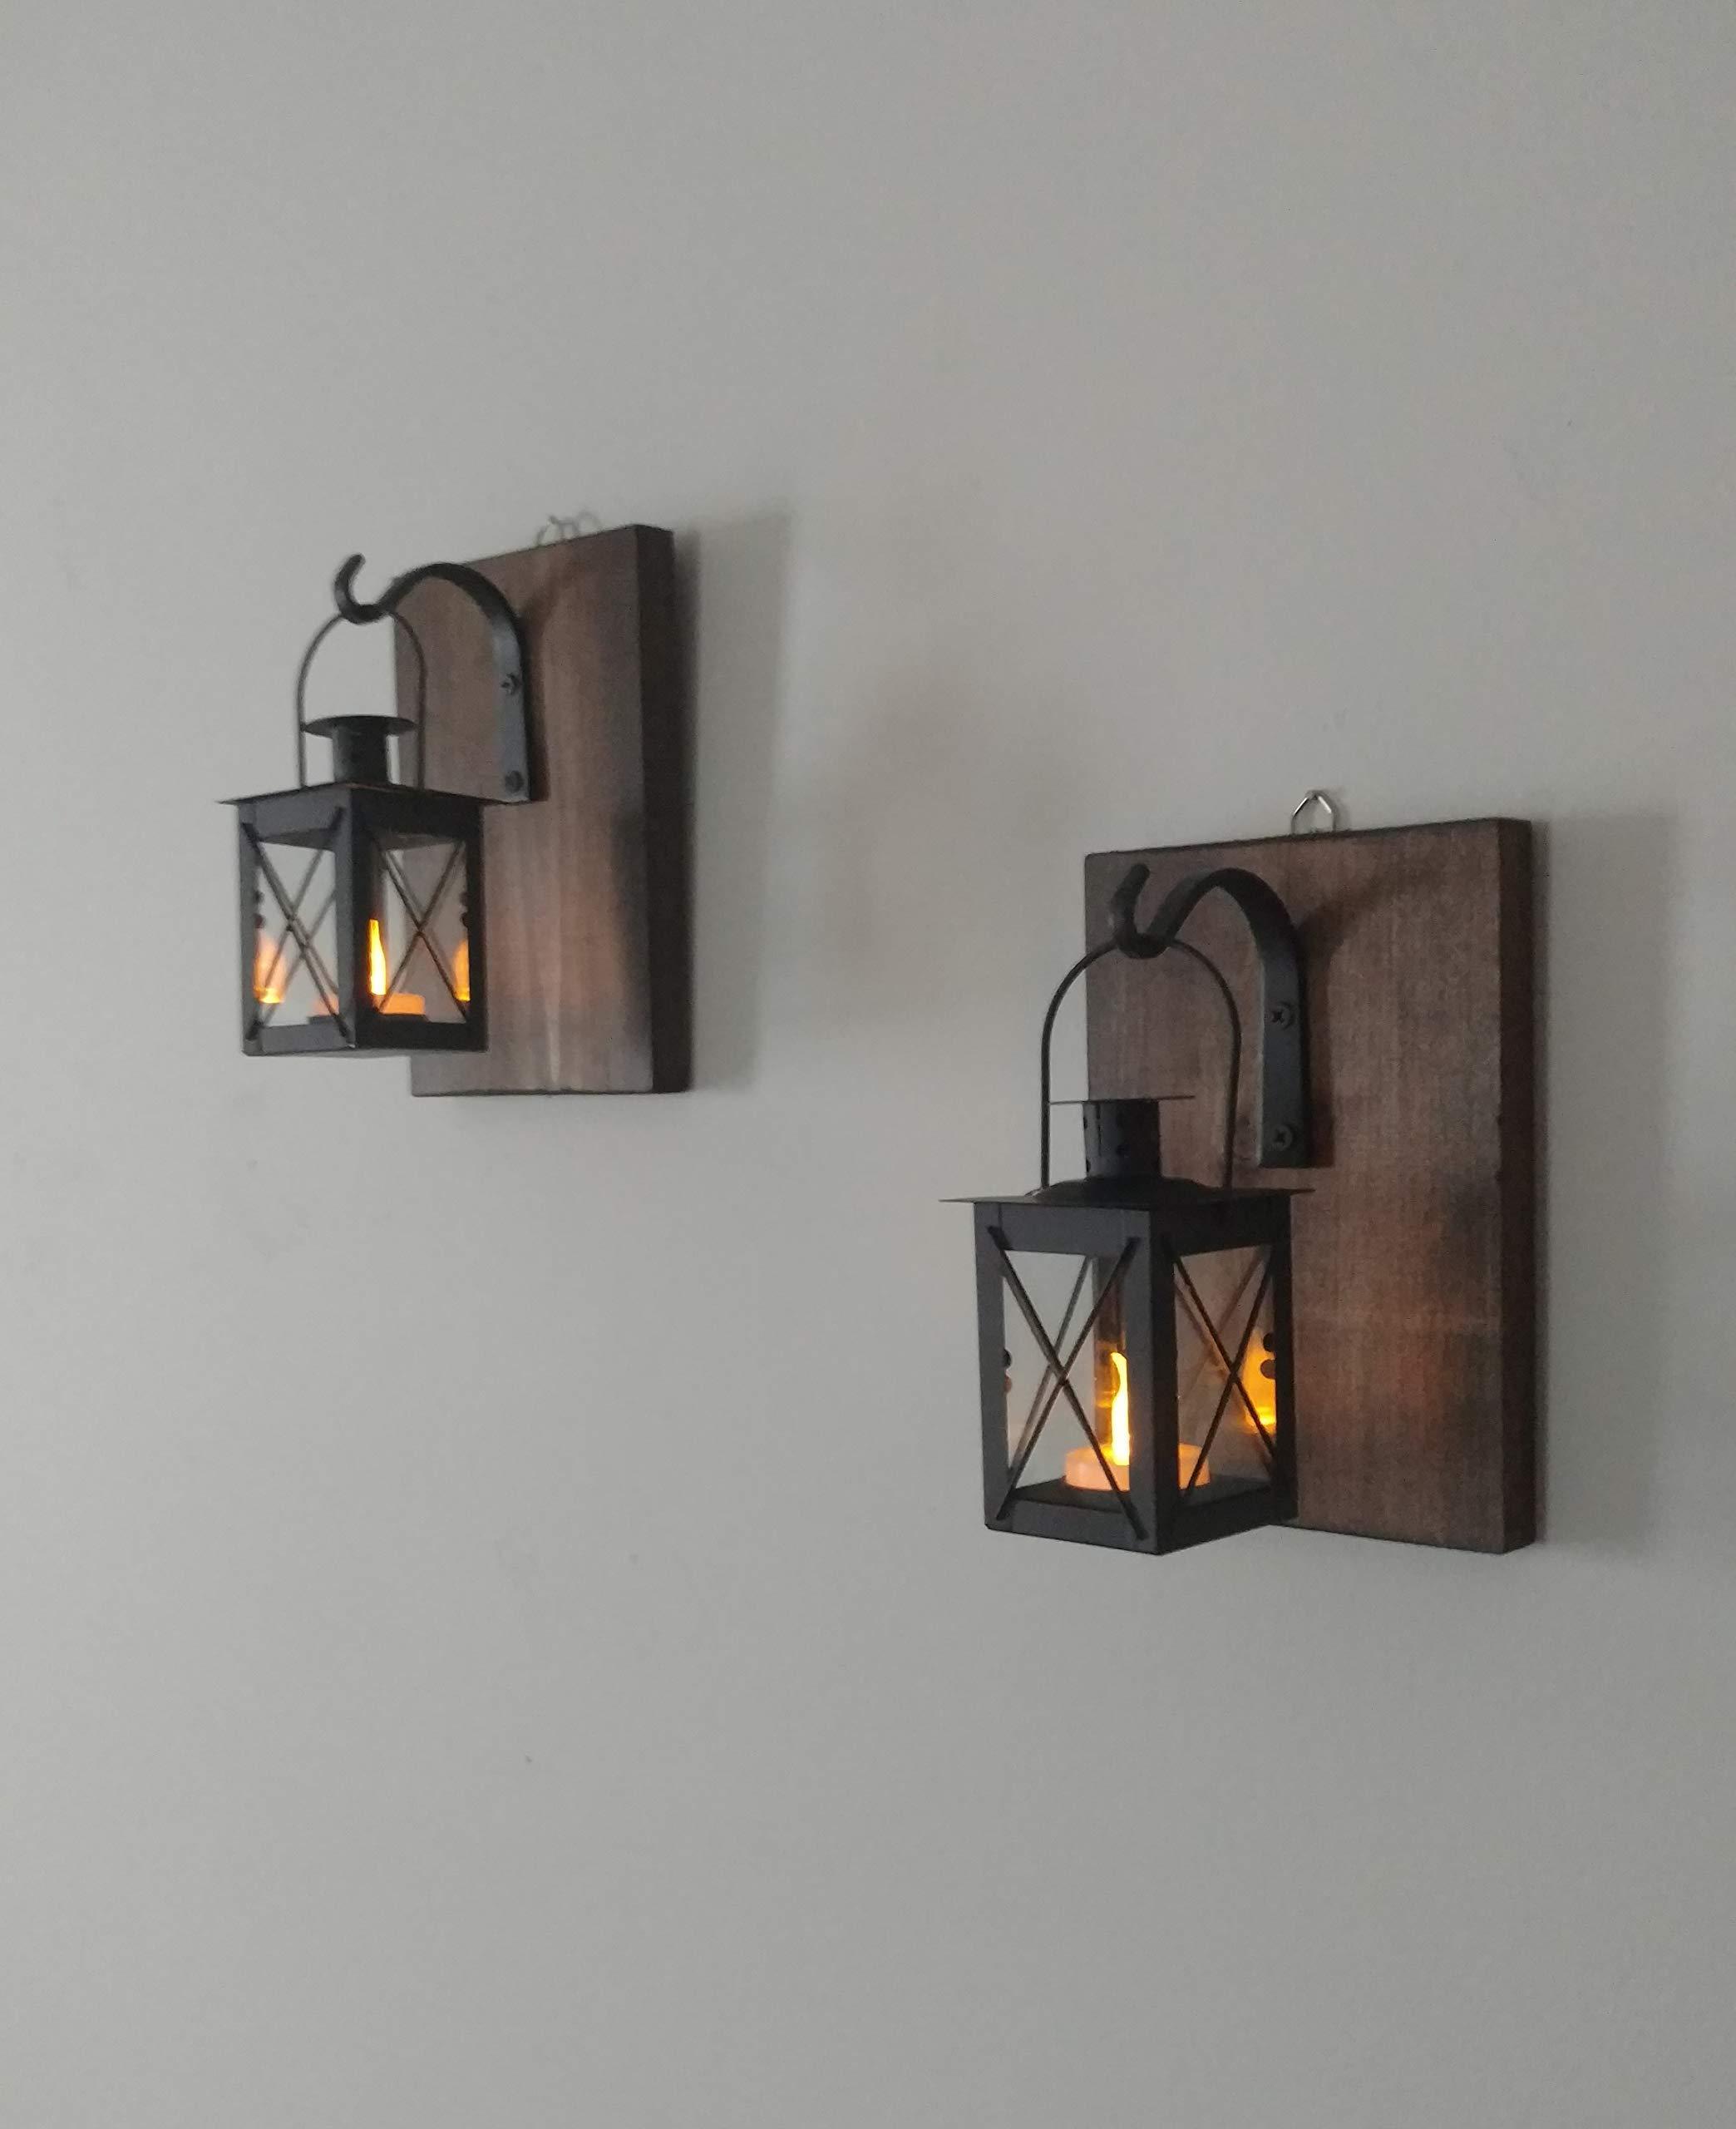 Set of 2 Lanterns Rustic Wall Metal Lanterns with Lights